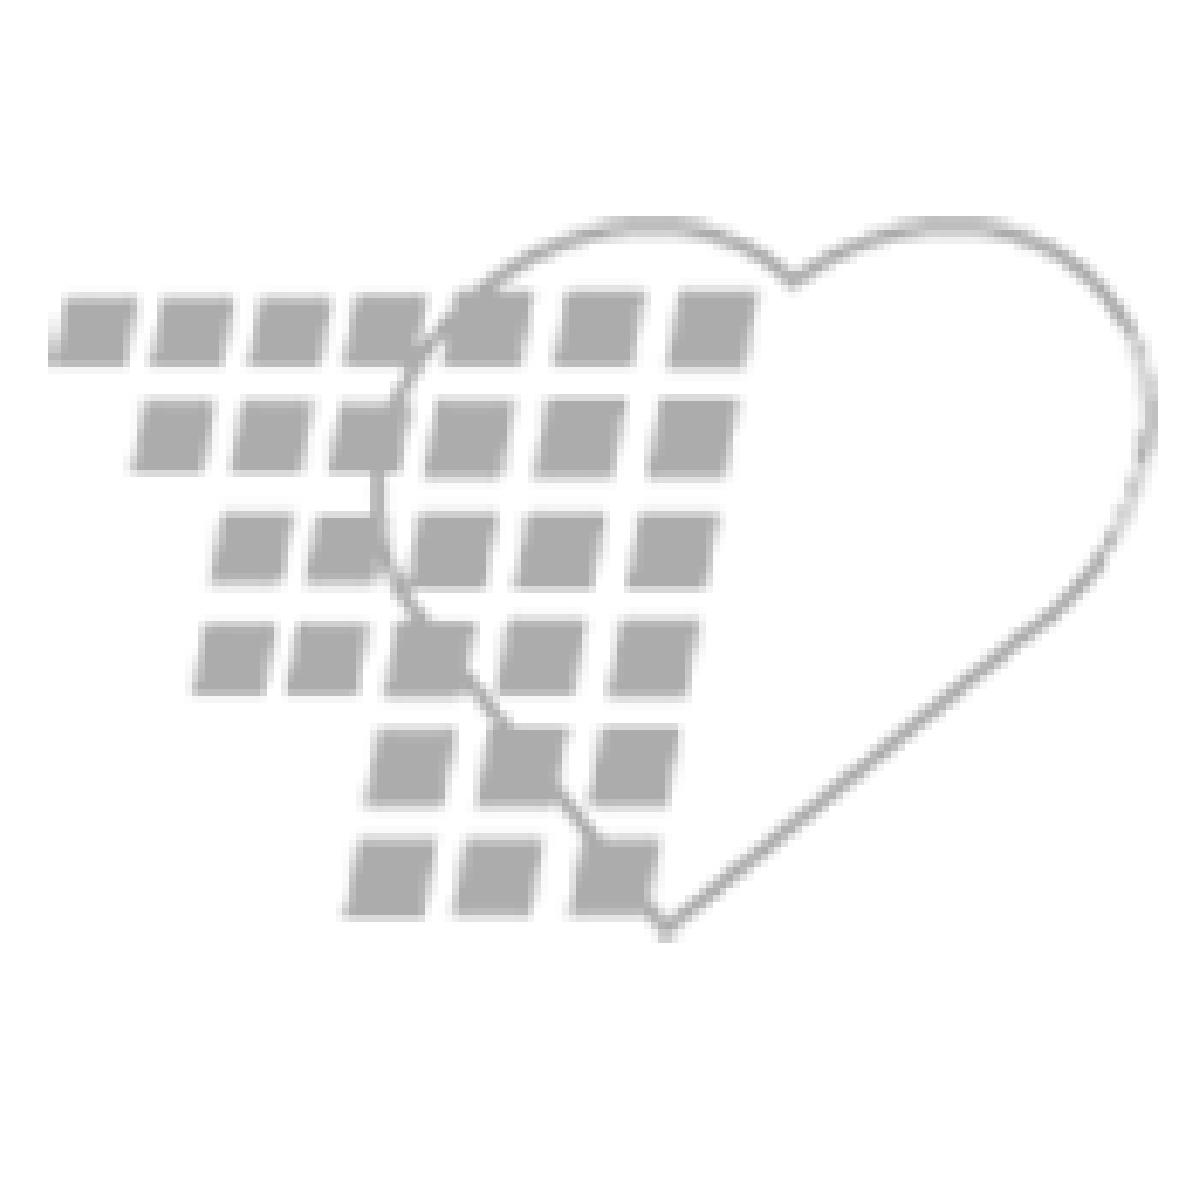 06-93-2103 - Demo Dose® Solu-Cortf Hydrocortison Sodim Succinat 100mg